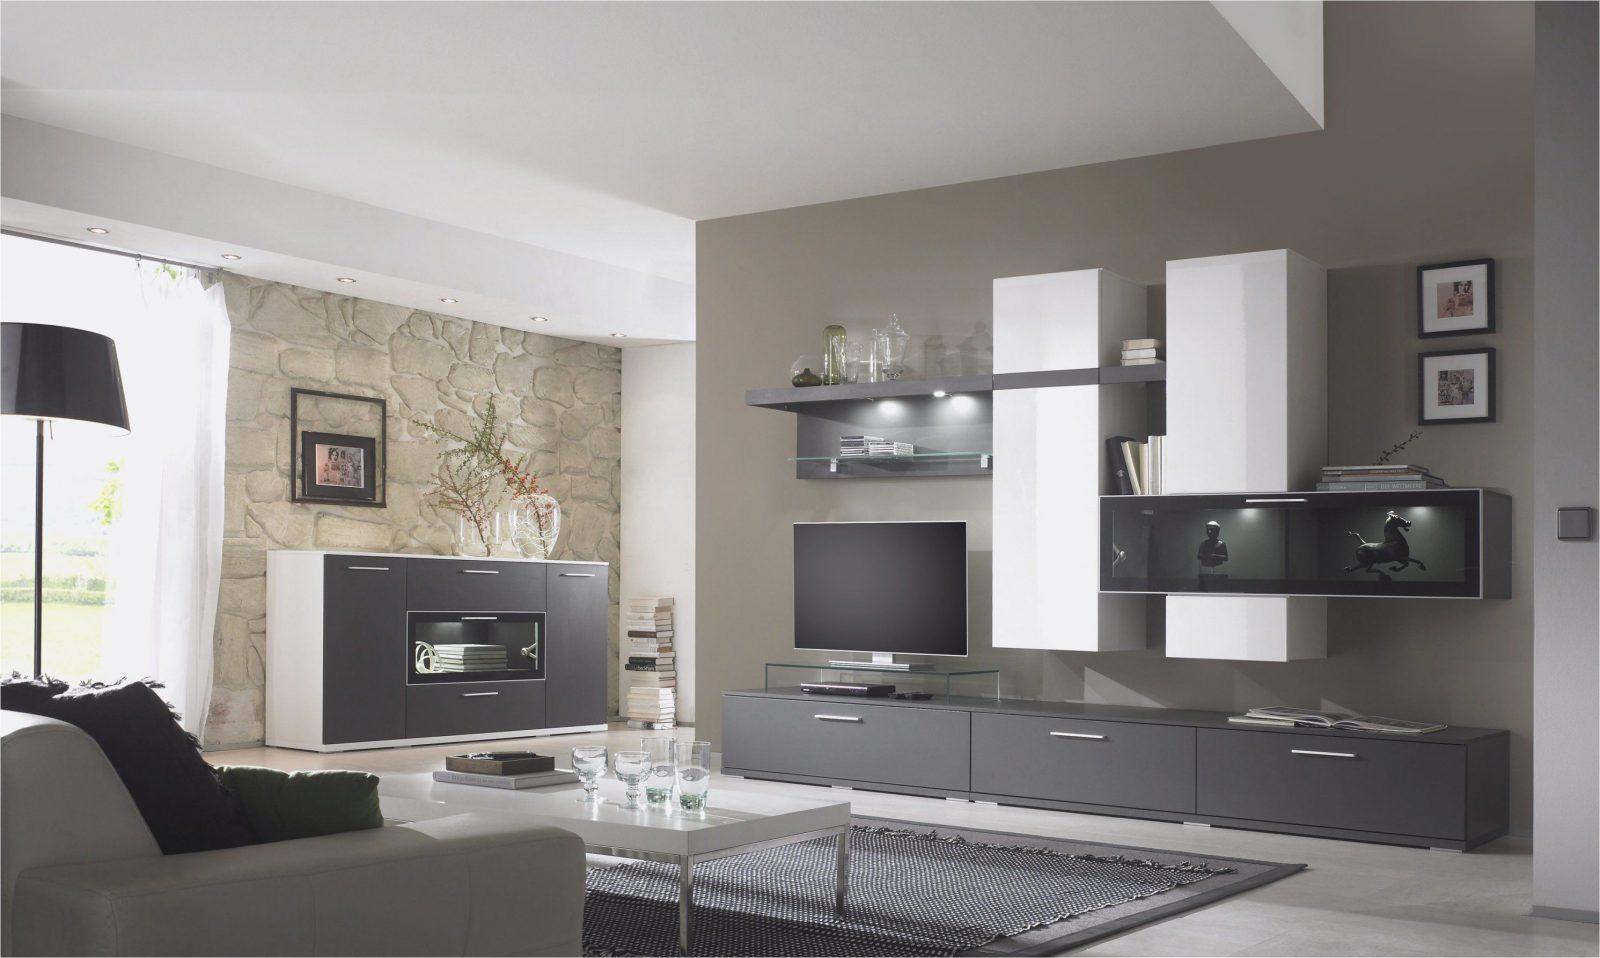 Wohnideen  Ideen Streichen Zusammen Schön Wohnzimmer Streichen von Ideen Für Wohnzimmer Streichen Photo